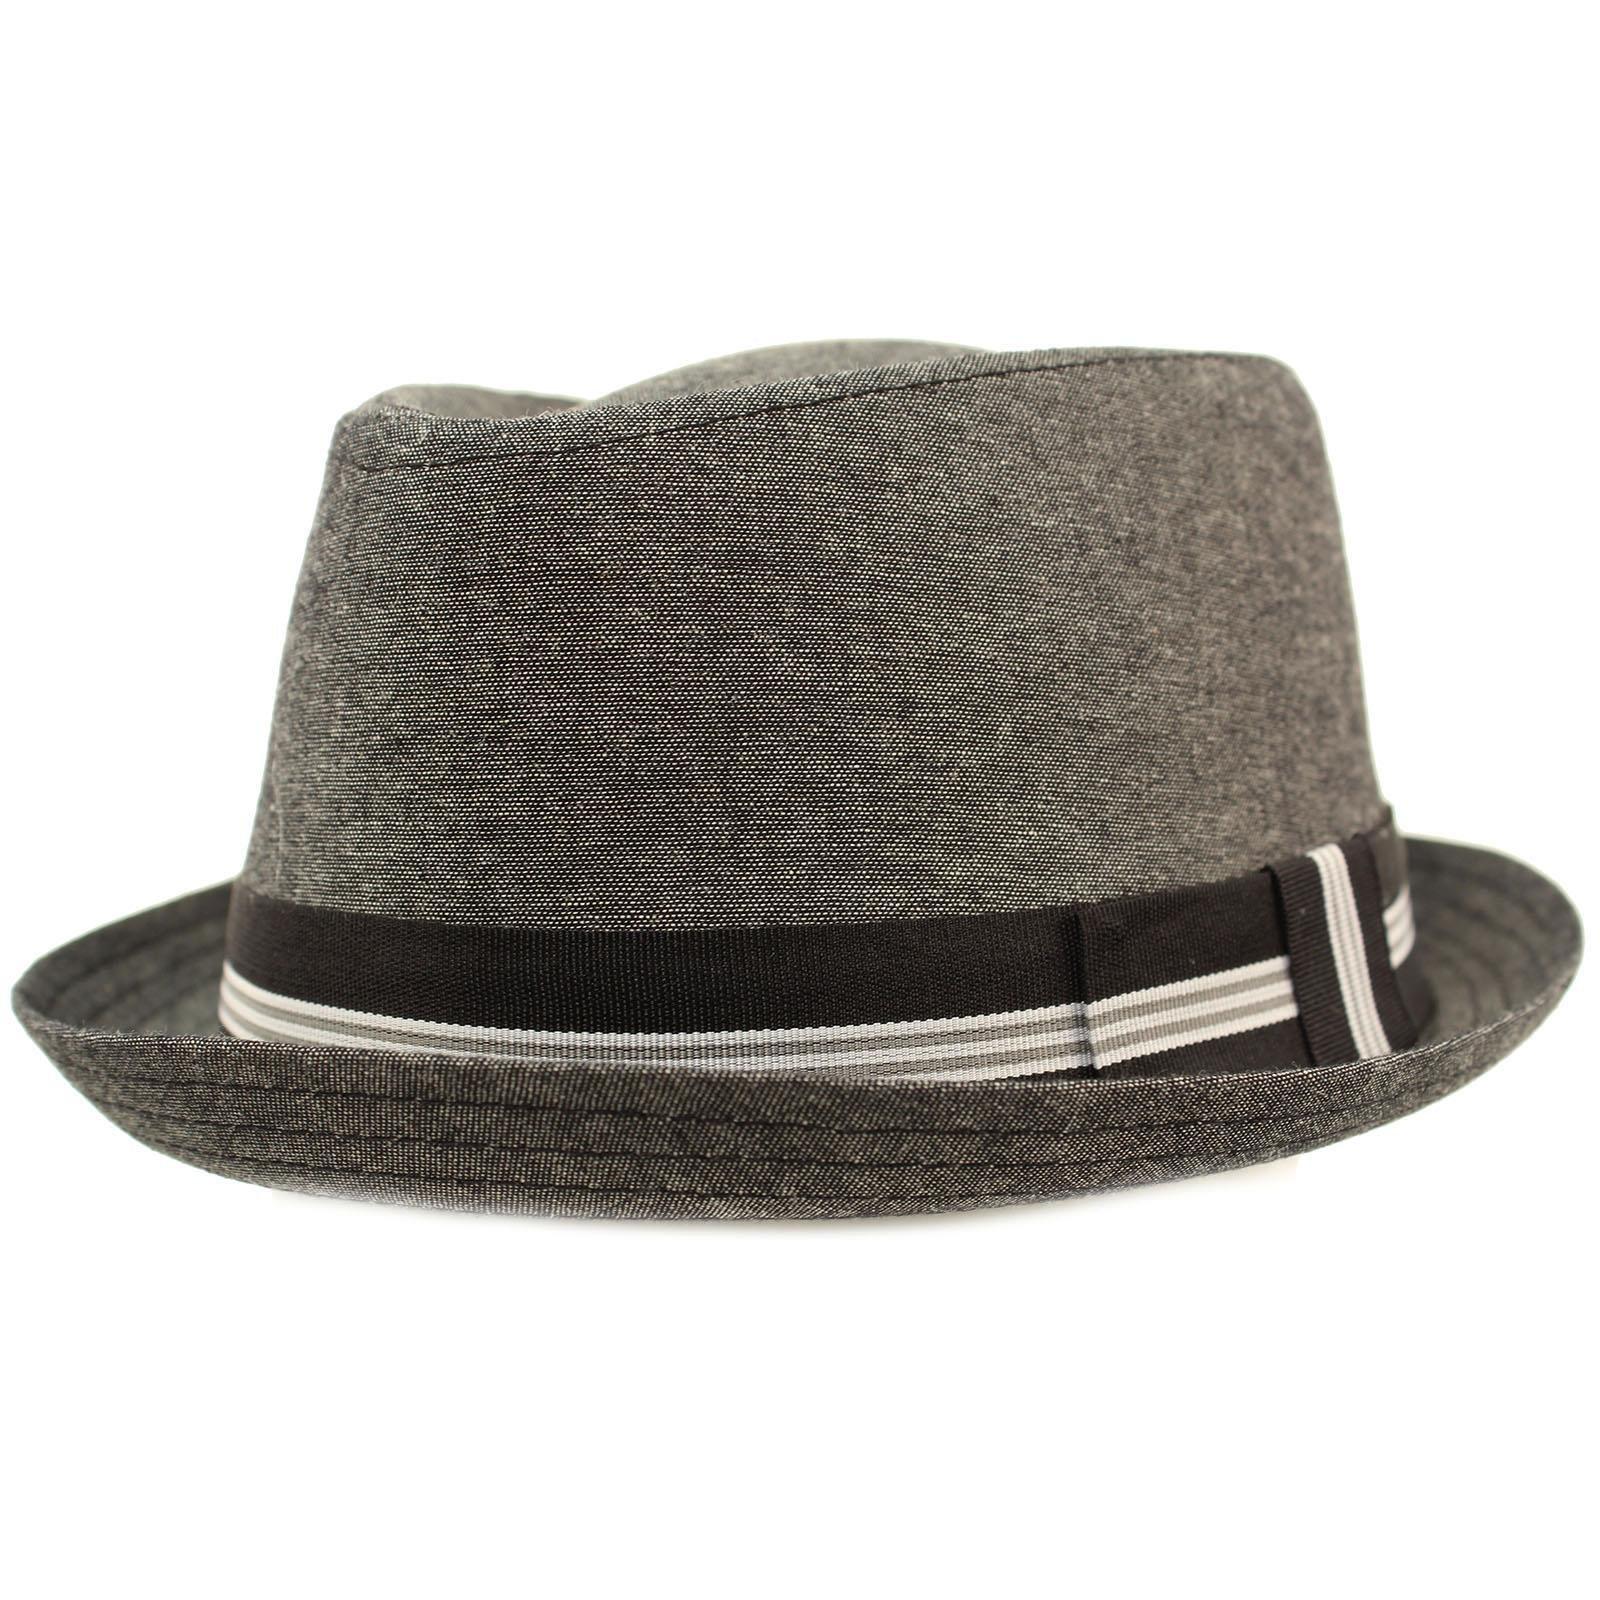 SK Hat shop Men's Linen Cotton Light Tweed Porkpie Derby Fedora Musician Jazz Hat L/XL